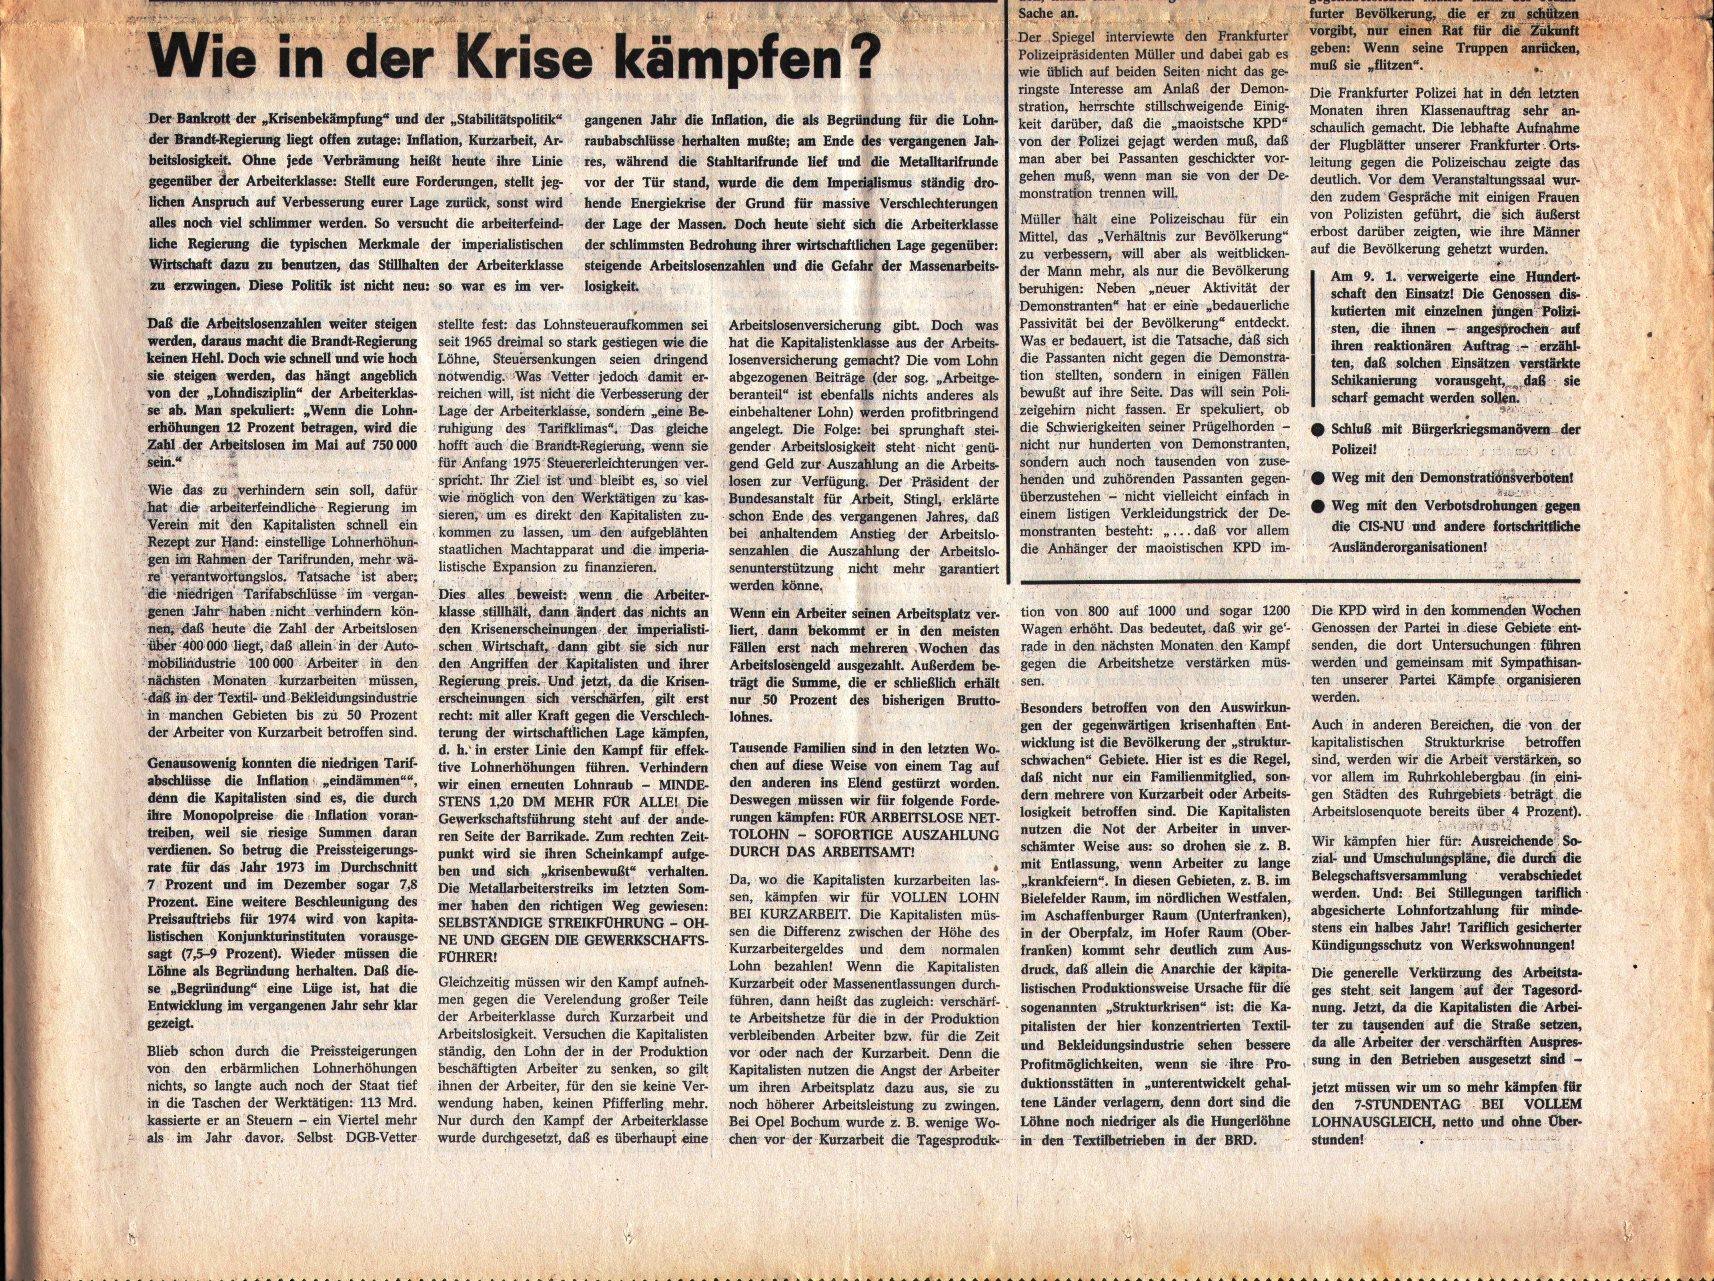 KPD_Rote_Fahne_1974_04_06